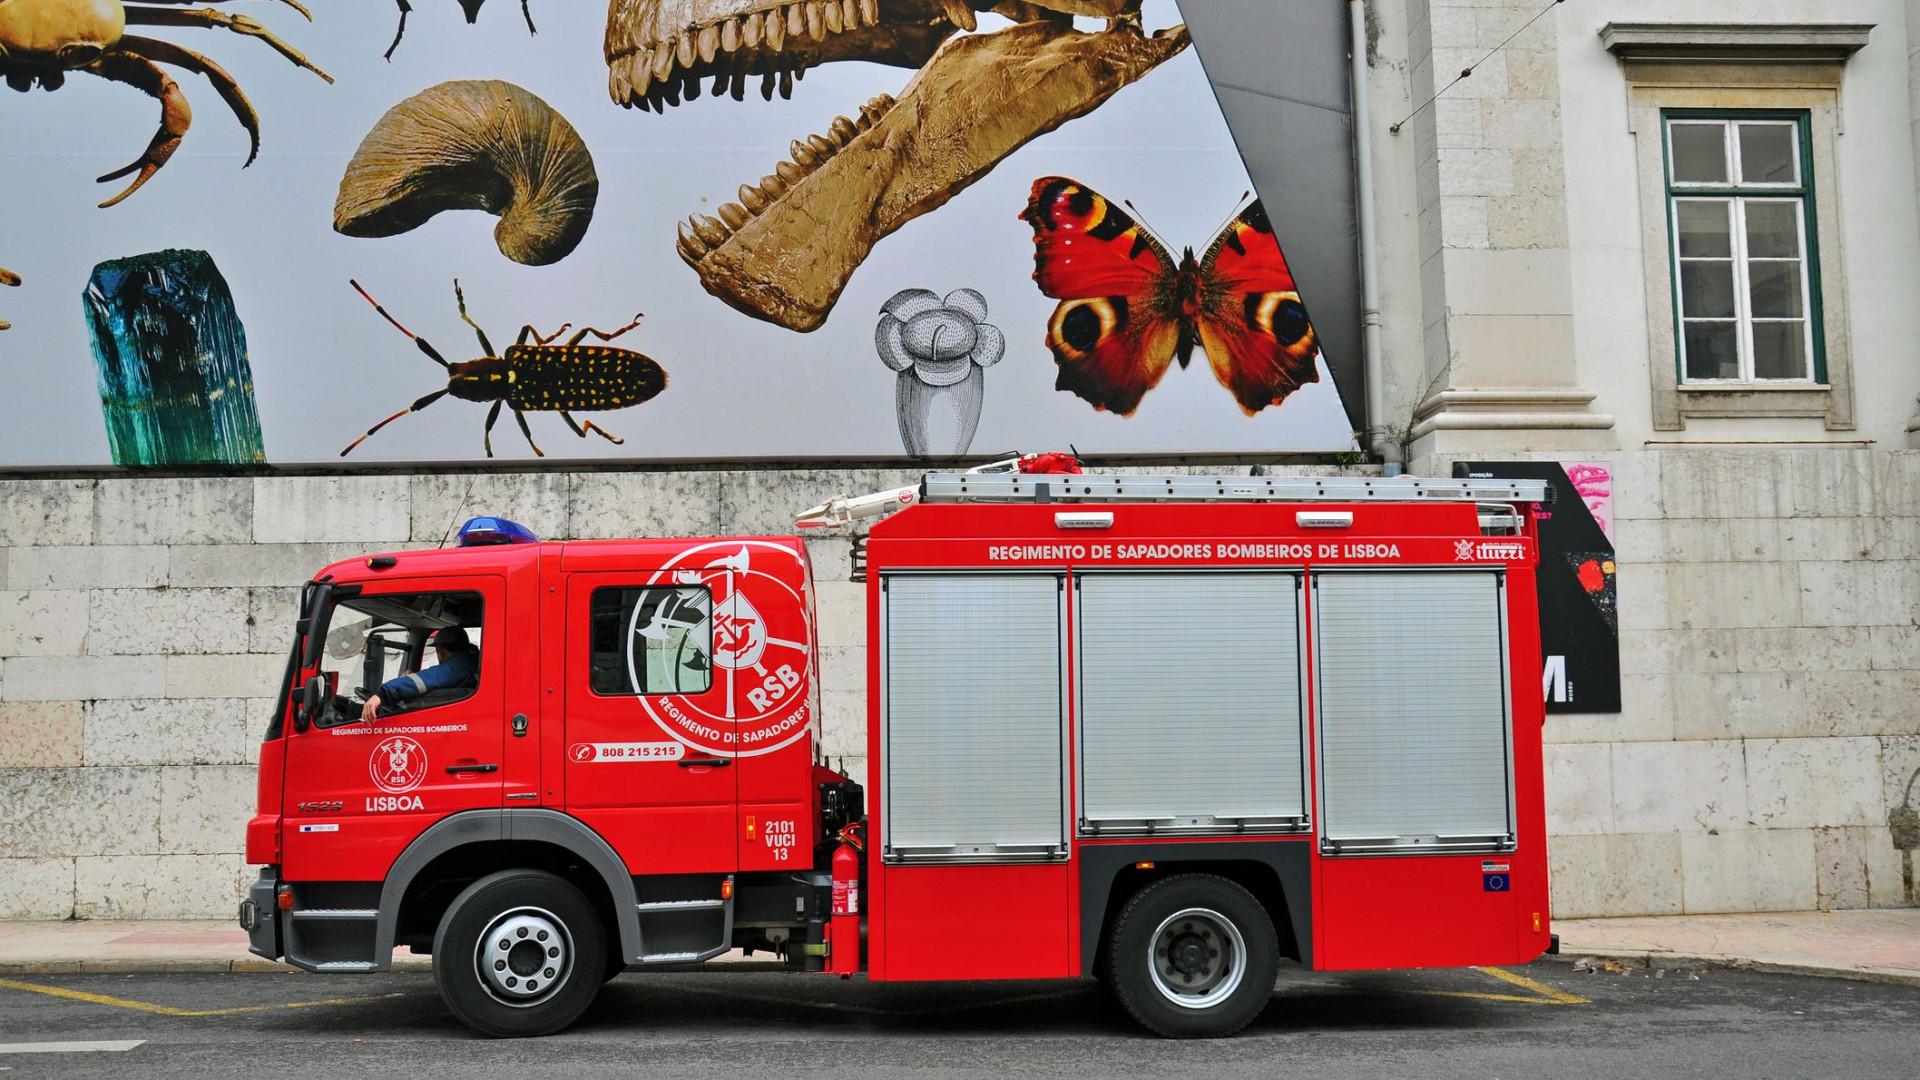 Incêndio deflagra em prédio em Lisboa. Há feridos e carros danificados